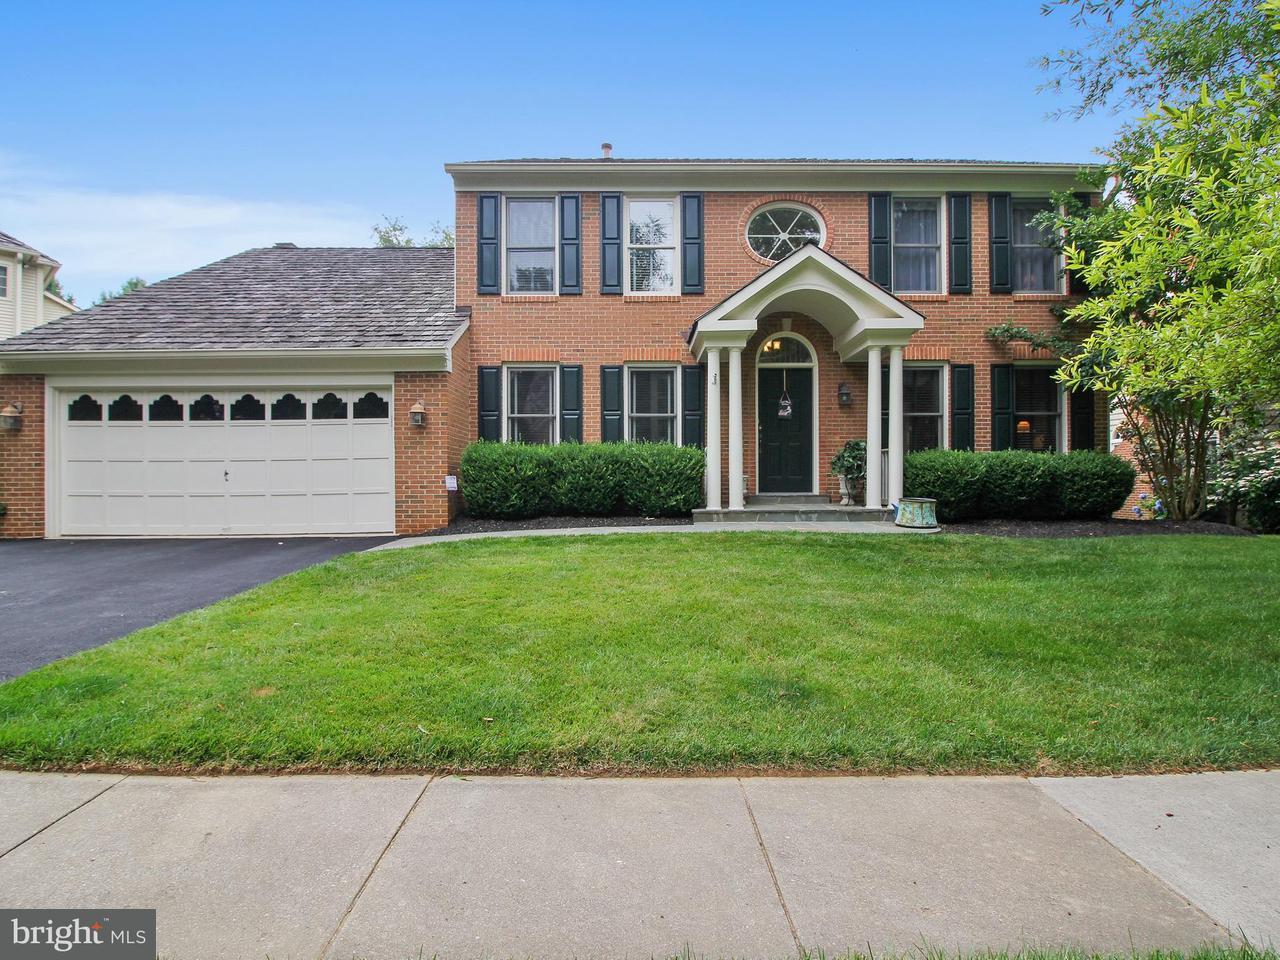 独户住宅 为 销售 在 12013 BLACKBERRY TER 12013 BLACKBERRY TER North Potomac, 马里兰州 20878 美国